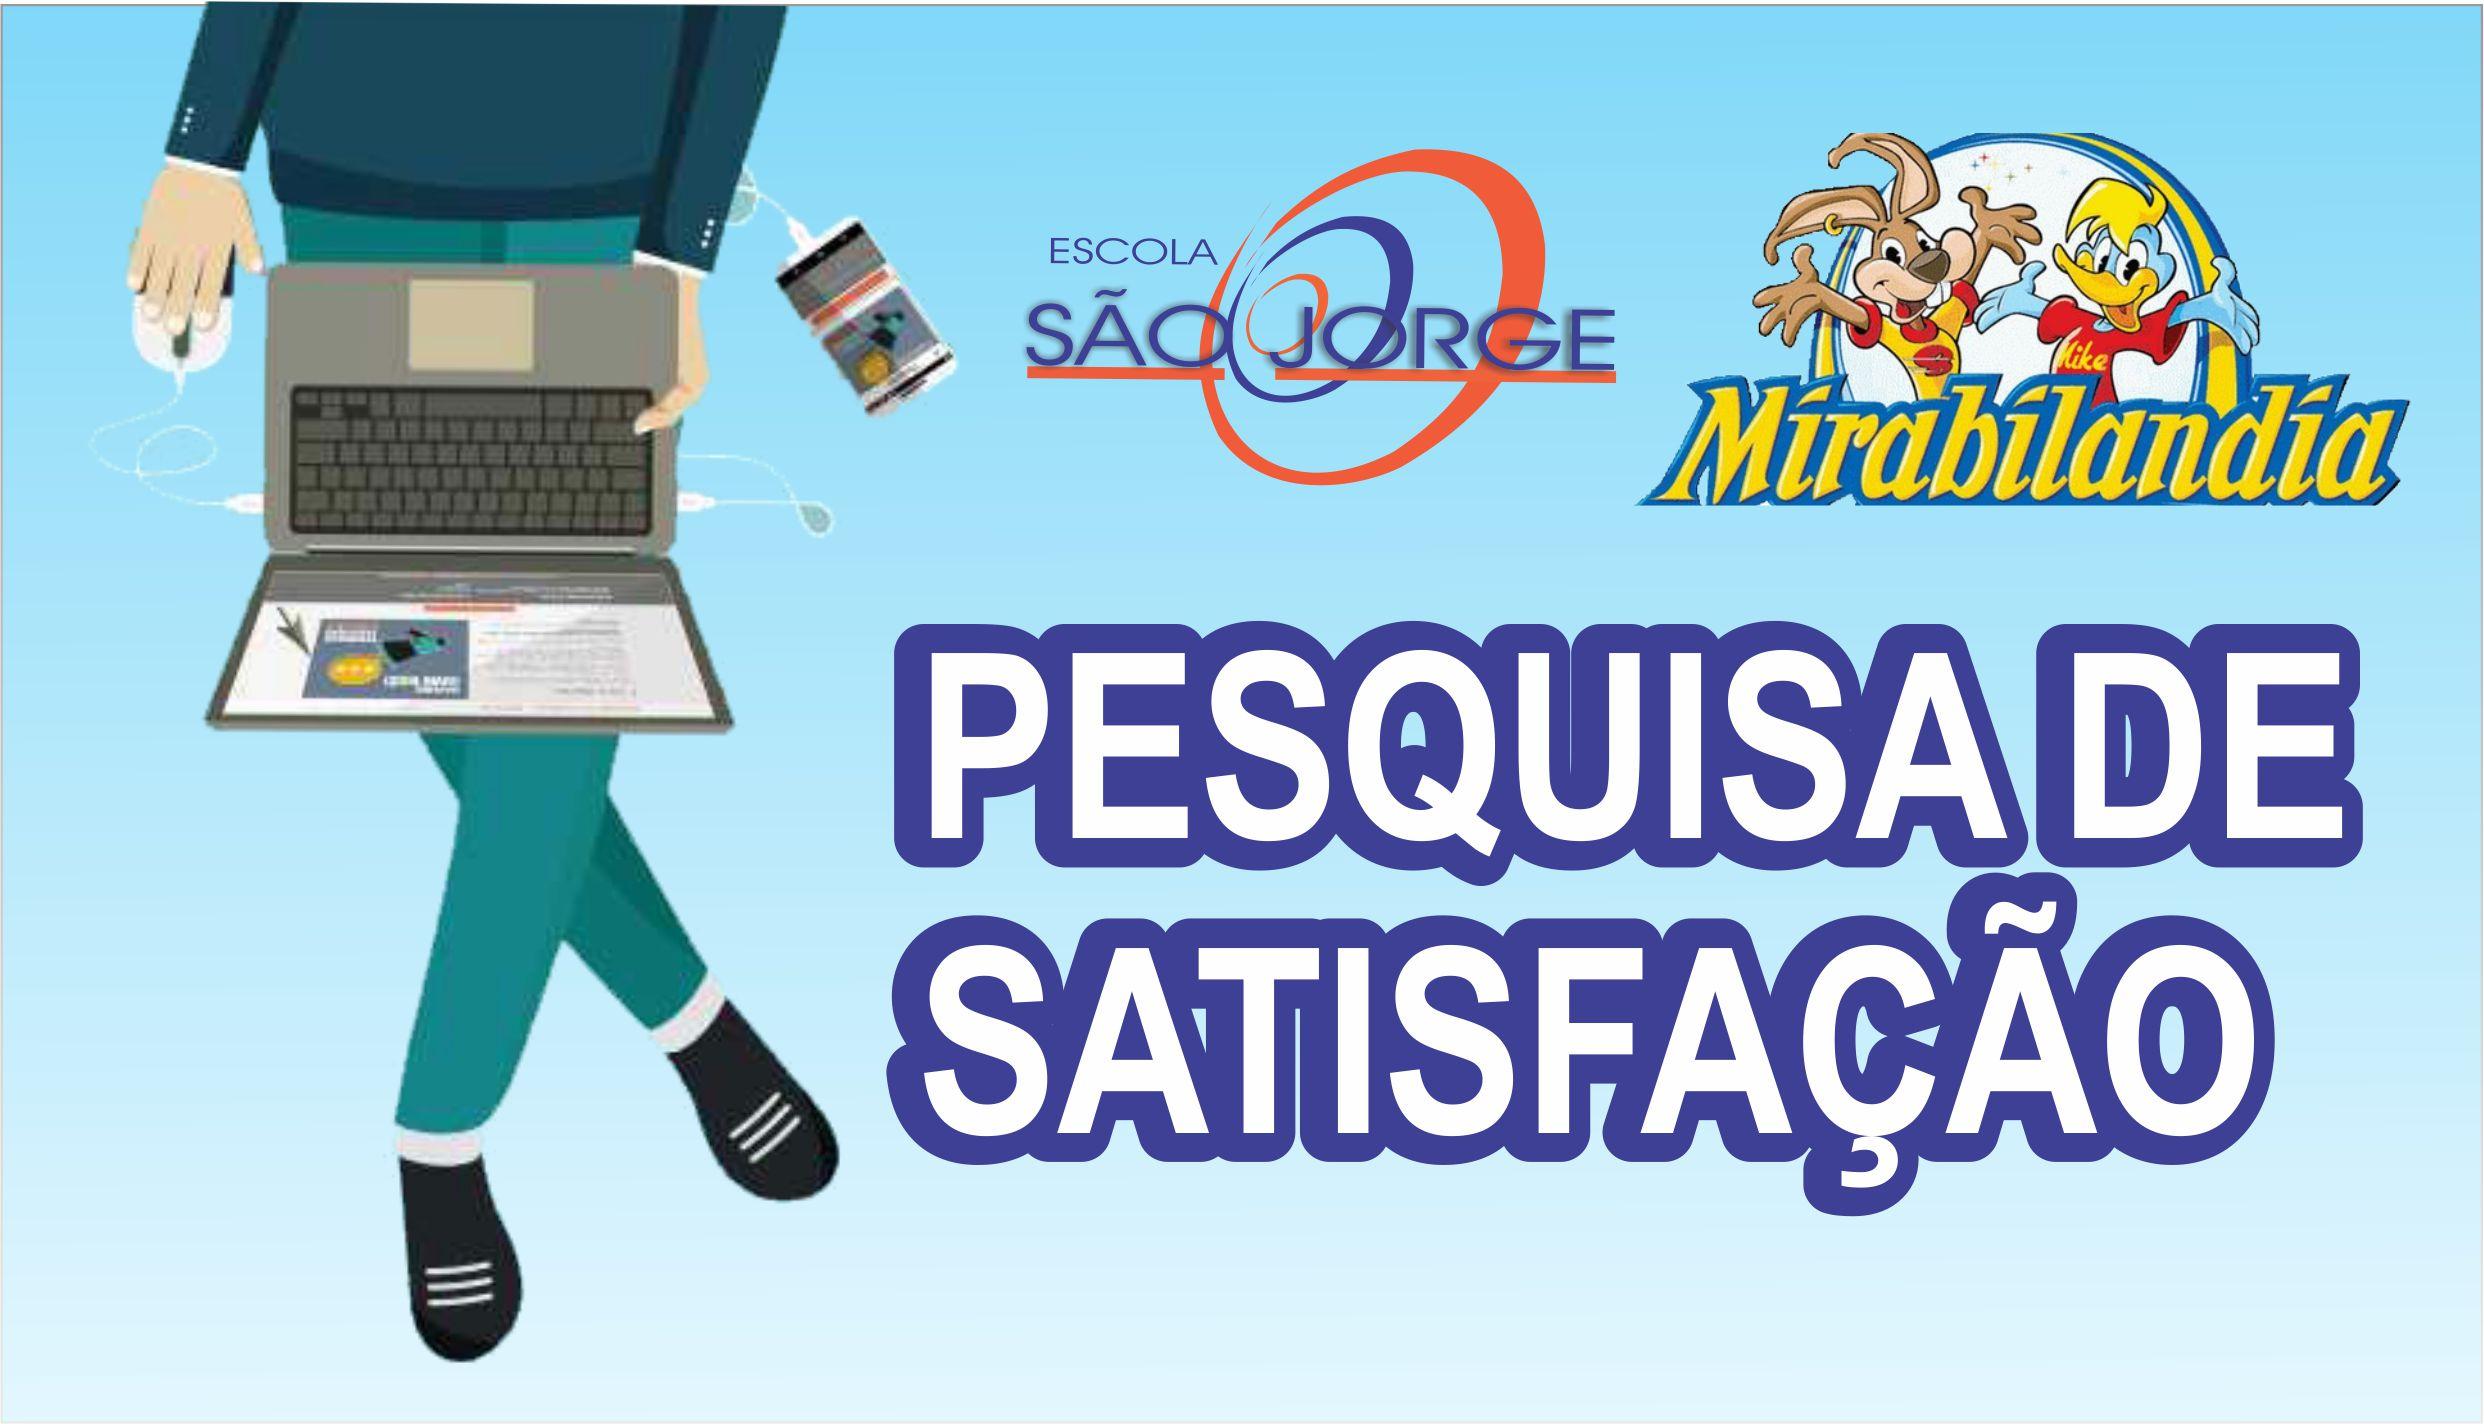 http://escolasaojorge.com.br/site/participe-de-nossa-pesquisa-de-satisfacao-e-concorra-a-ingressos-do-mirabilandia/